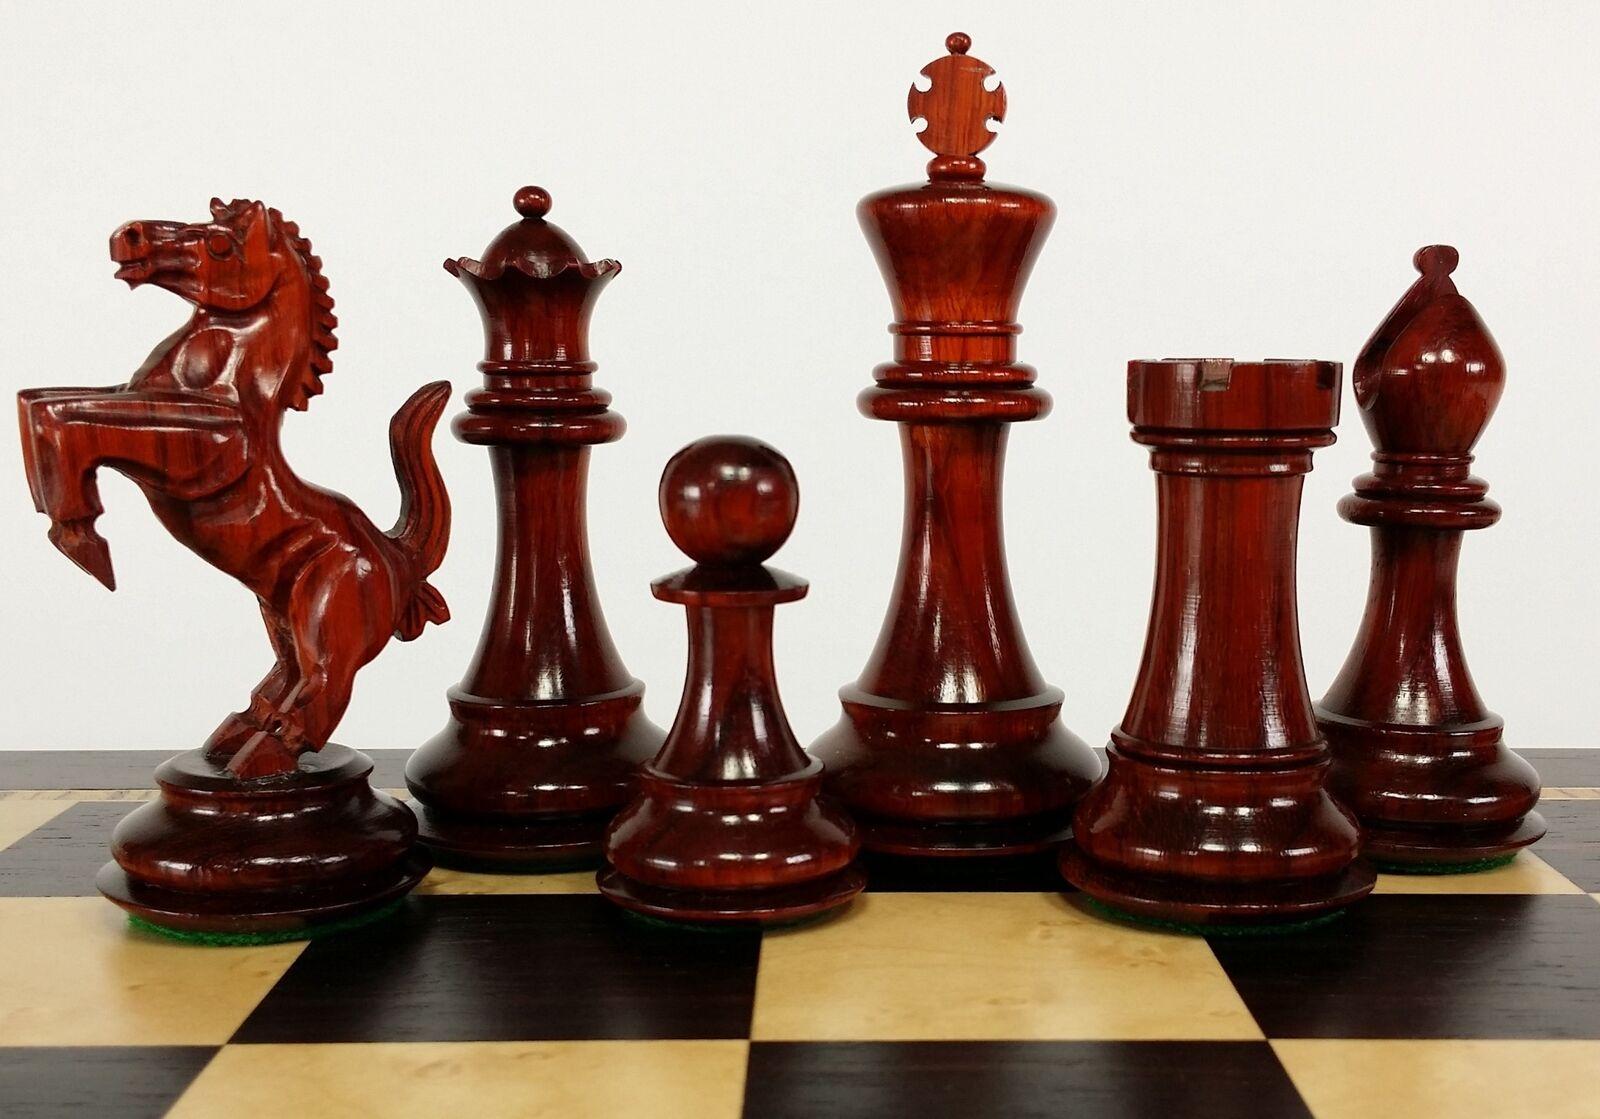 BLOOD rosaWOOD REARING KNIGHT 4 1 2  Kg Large Staunton Chess Men Set - NO Board